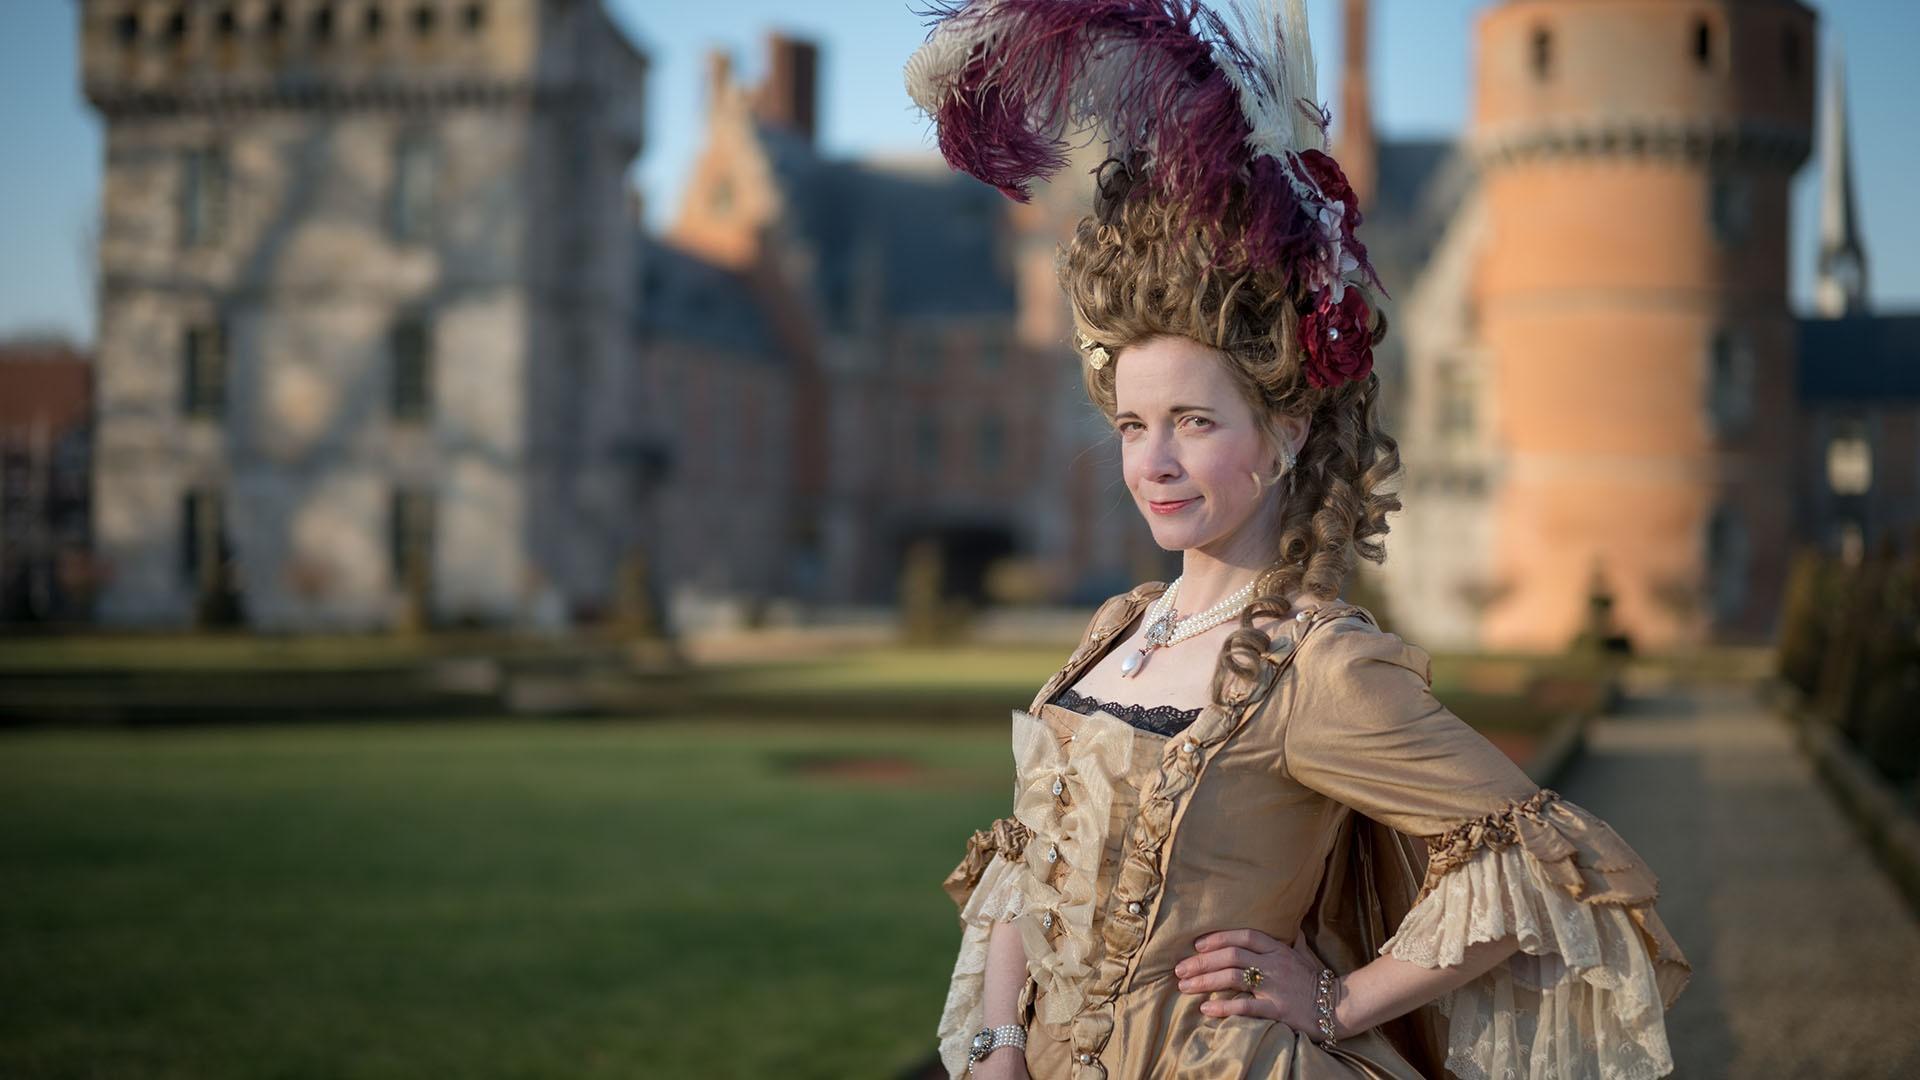 Marie Antoinette: The Doomed Queen